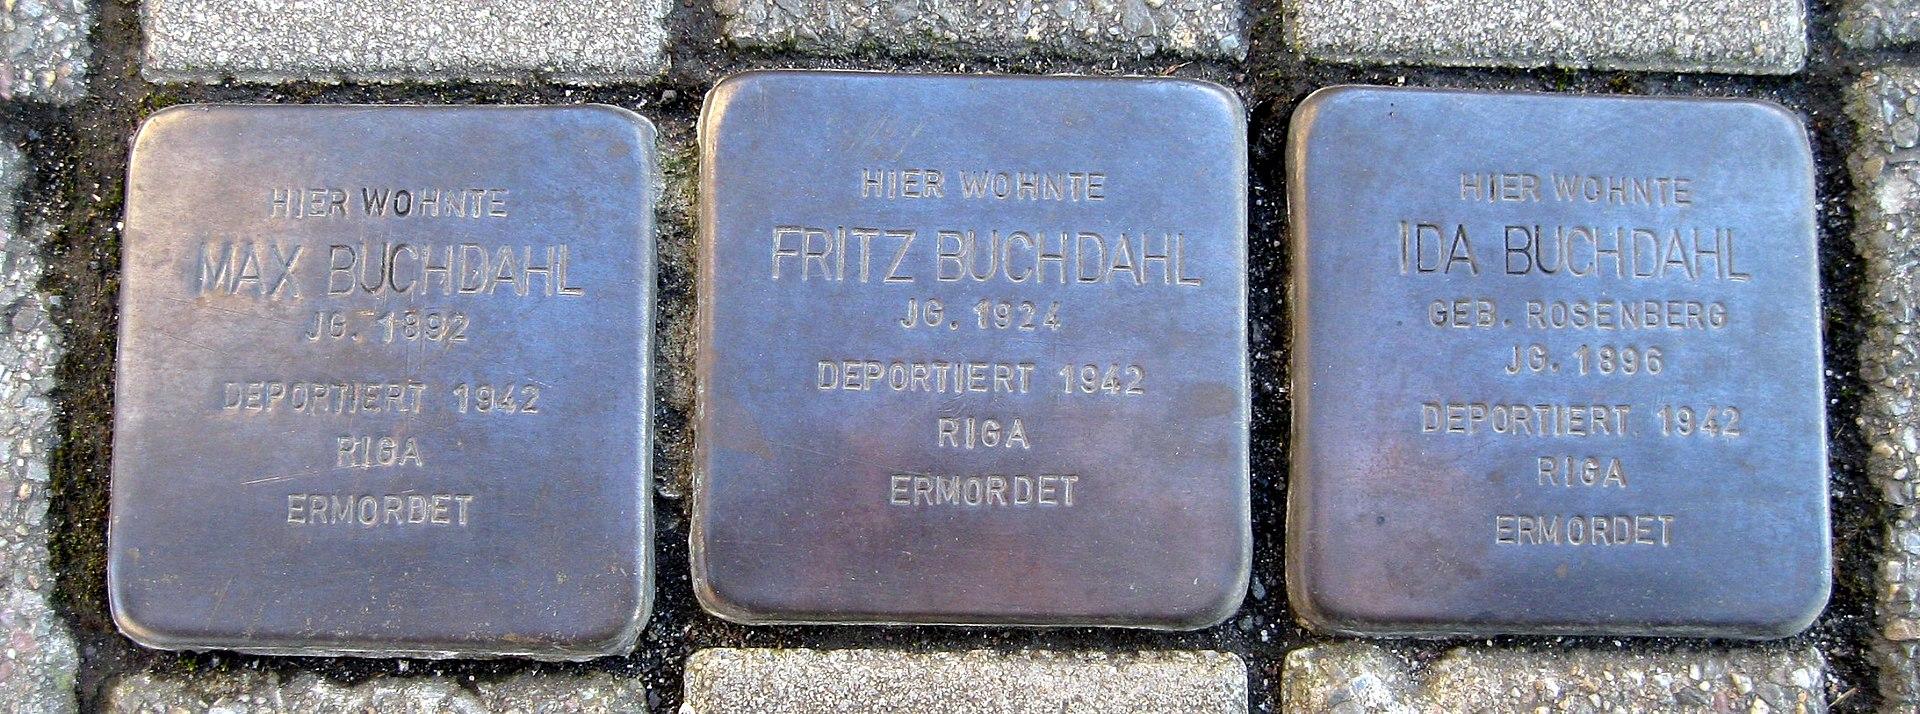 Stolpersteine Dortmund Dorstfelder Hellweg 66.jpg